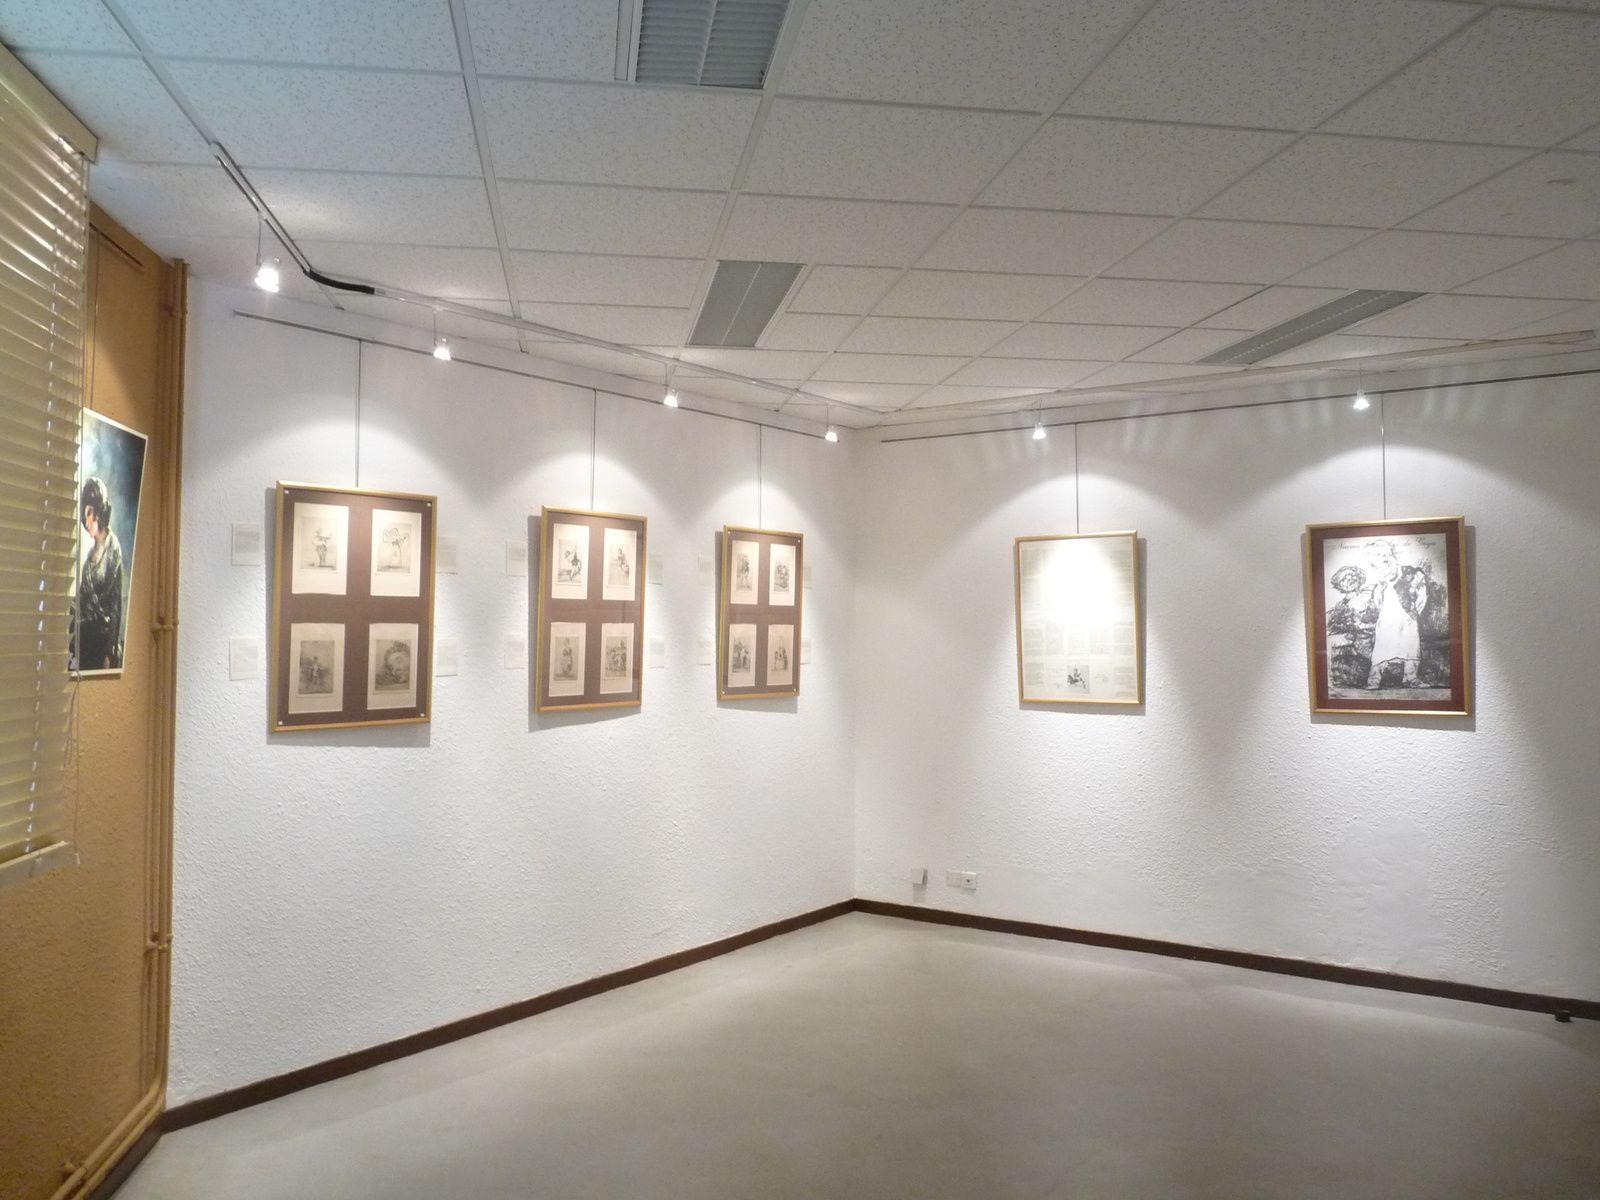 L'exposition mise en place par Excit'oeil dans la salle d'exposition de la Cité scolaire est prête à accueillir les visiteurs.